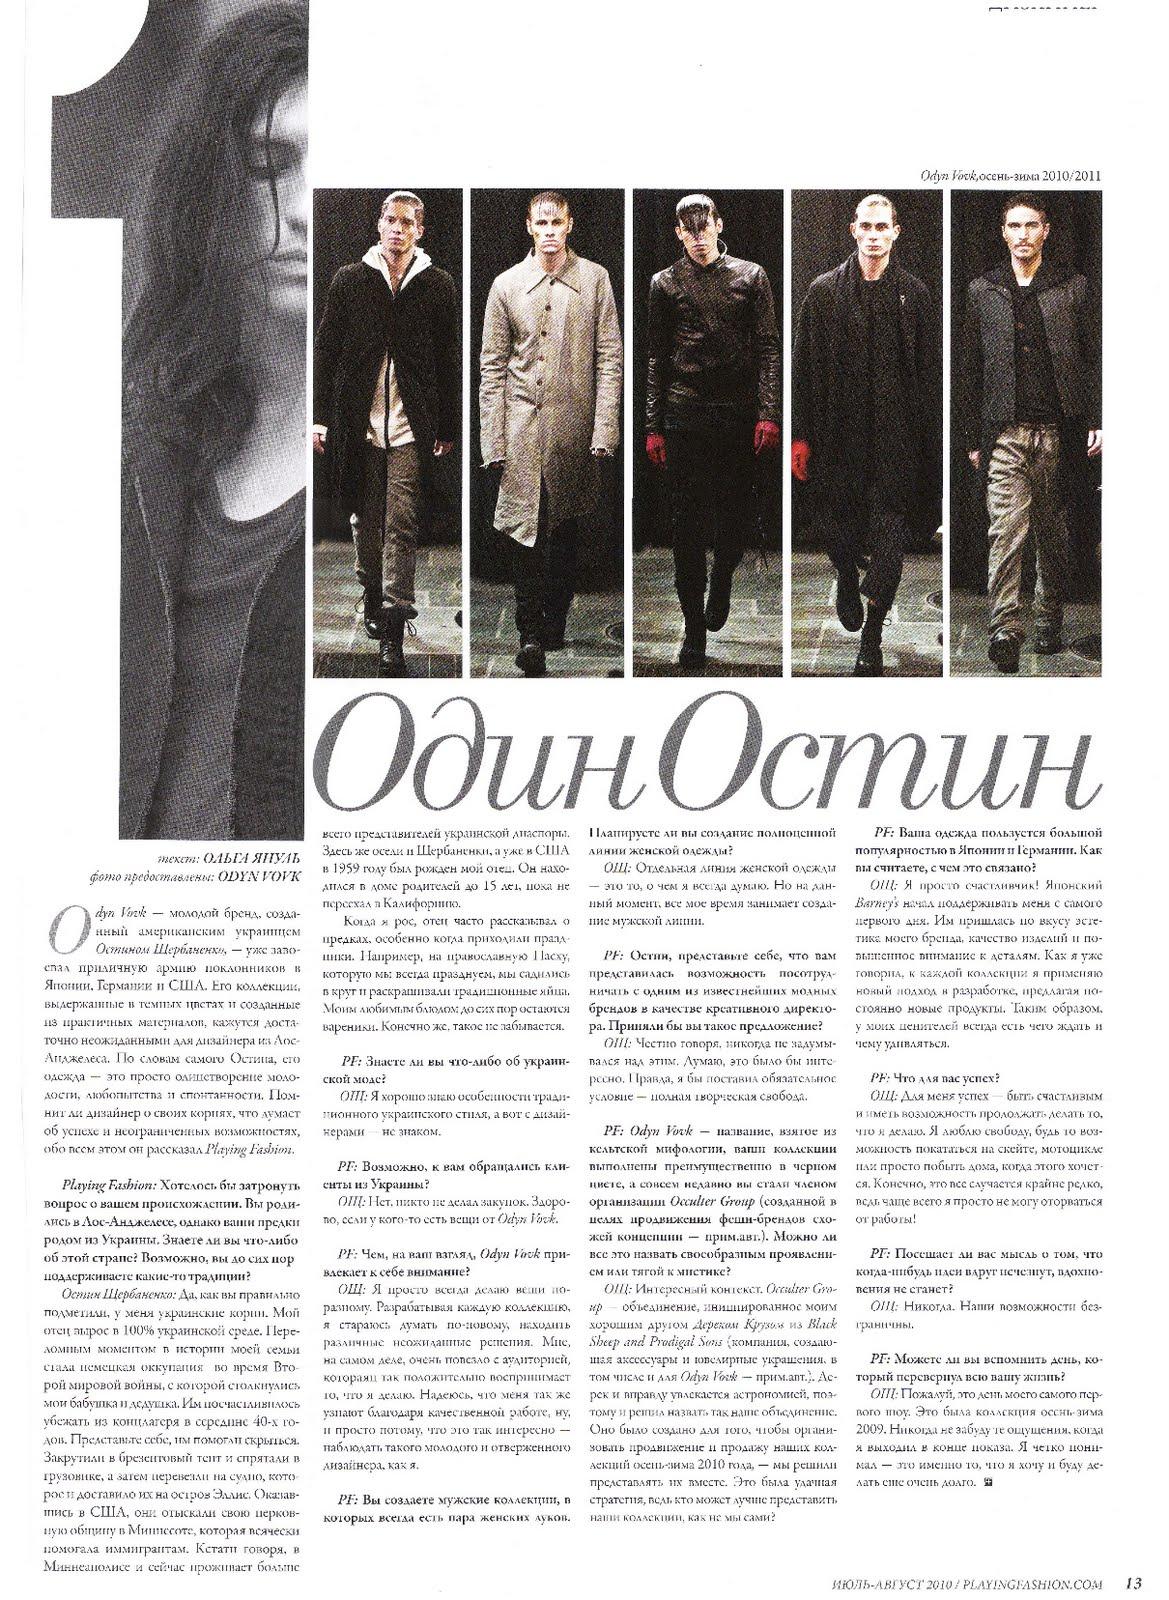 http://3.bp.blogspot.com/_-wmNSfu4q-I/TGresflJYTI/AAAAAAAACNk/Naw8hpttAoo/s1600/PF-interview.jpg